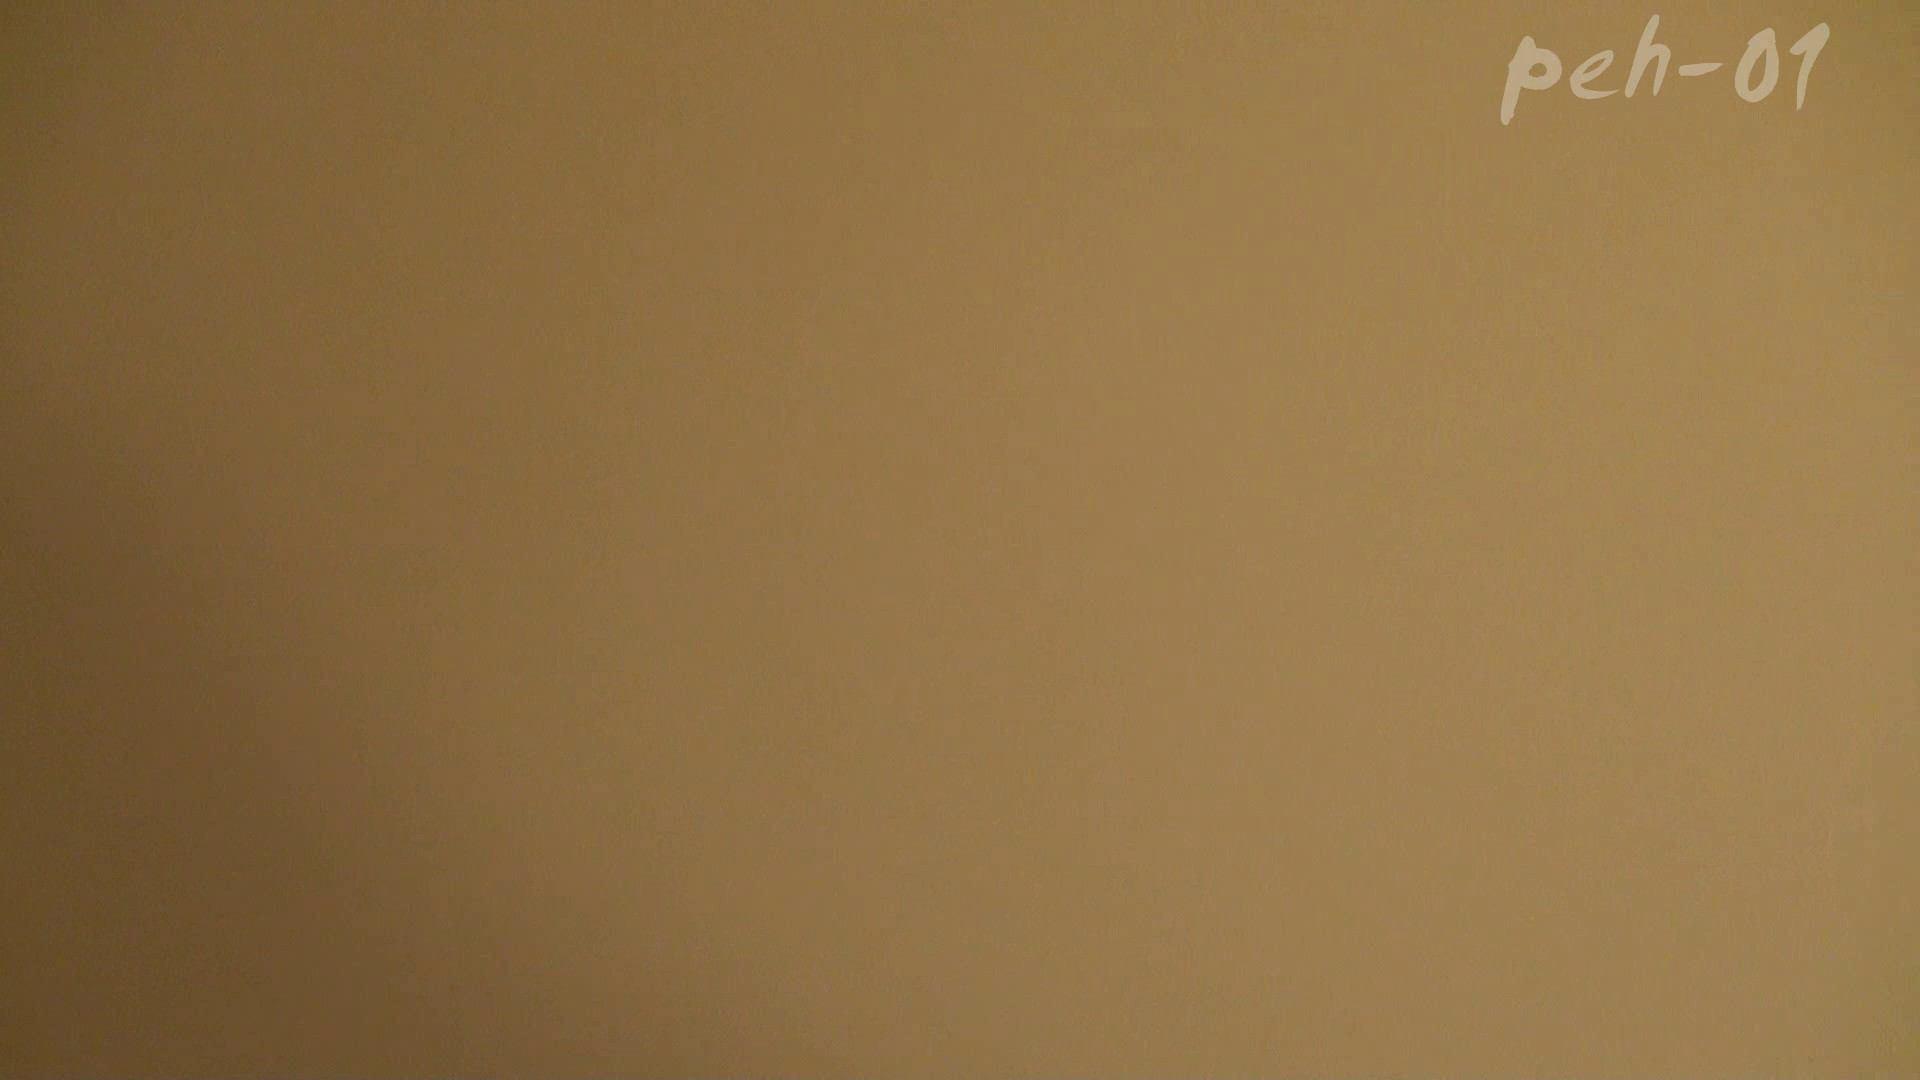 ※100個限定販売 至高下半身盗撮 プレミアム Vol.1 ハイビジョン 洗面所のぞき | 名作殿堂動画  103枚 82